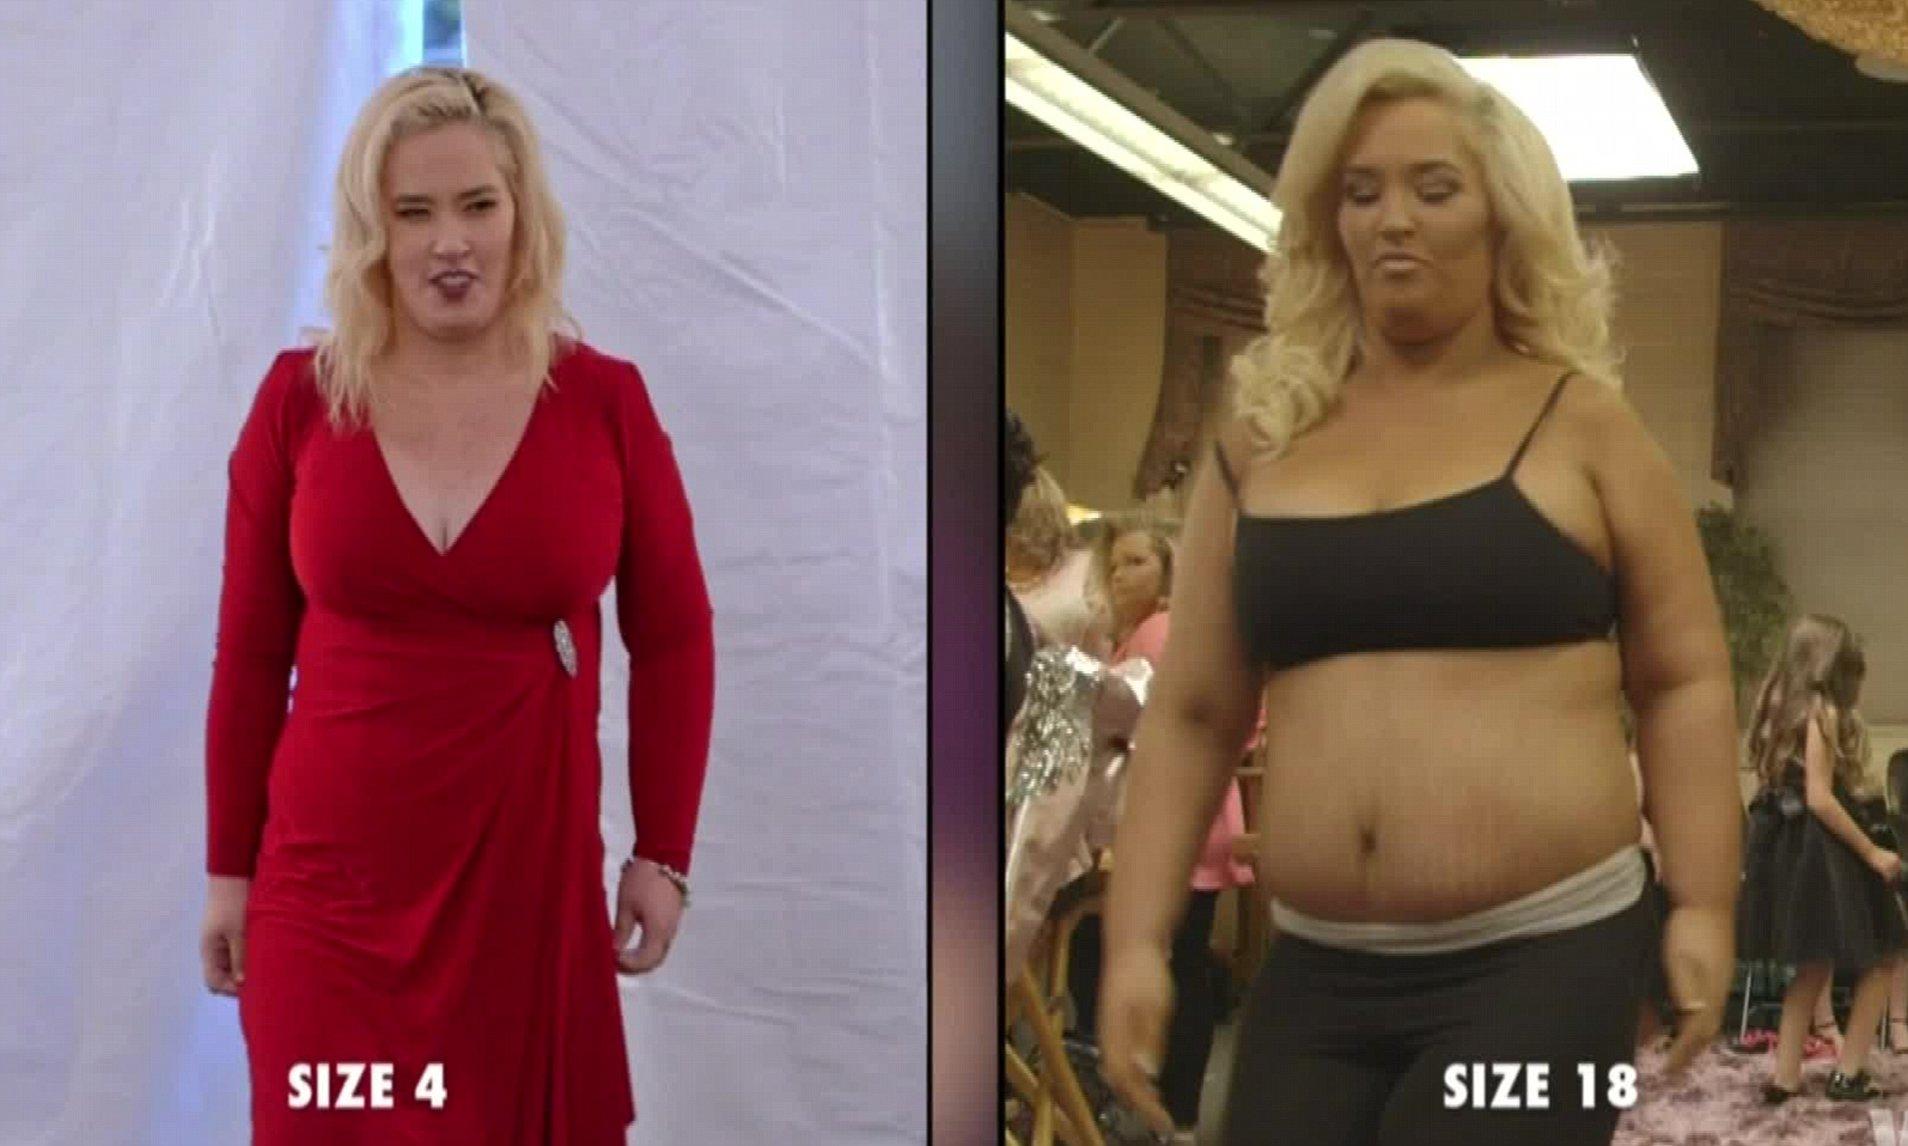 Pierderea în greutate interviu mama june pierd in greutate intr-un an